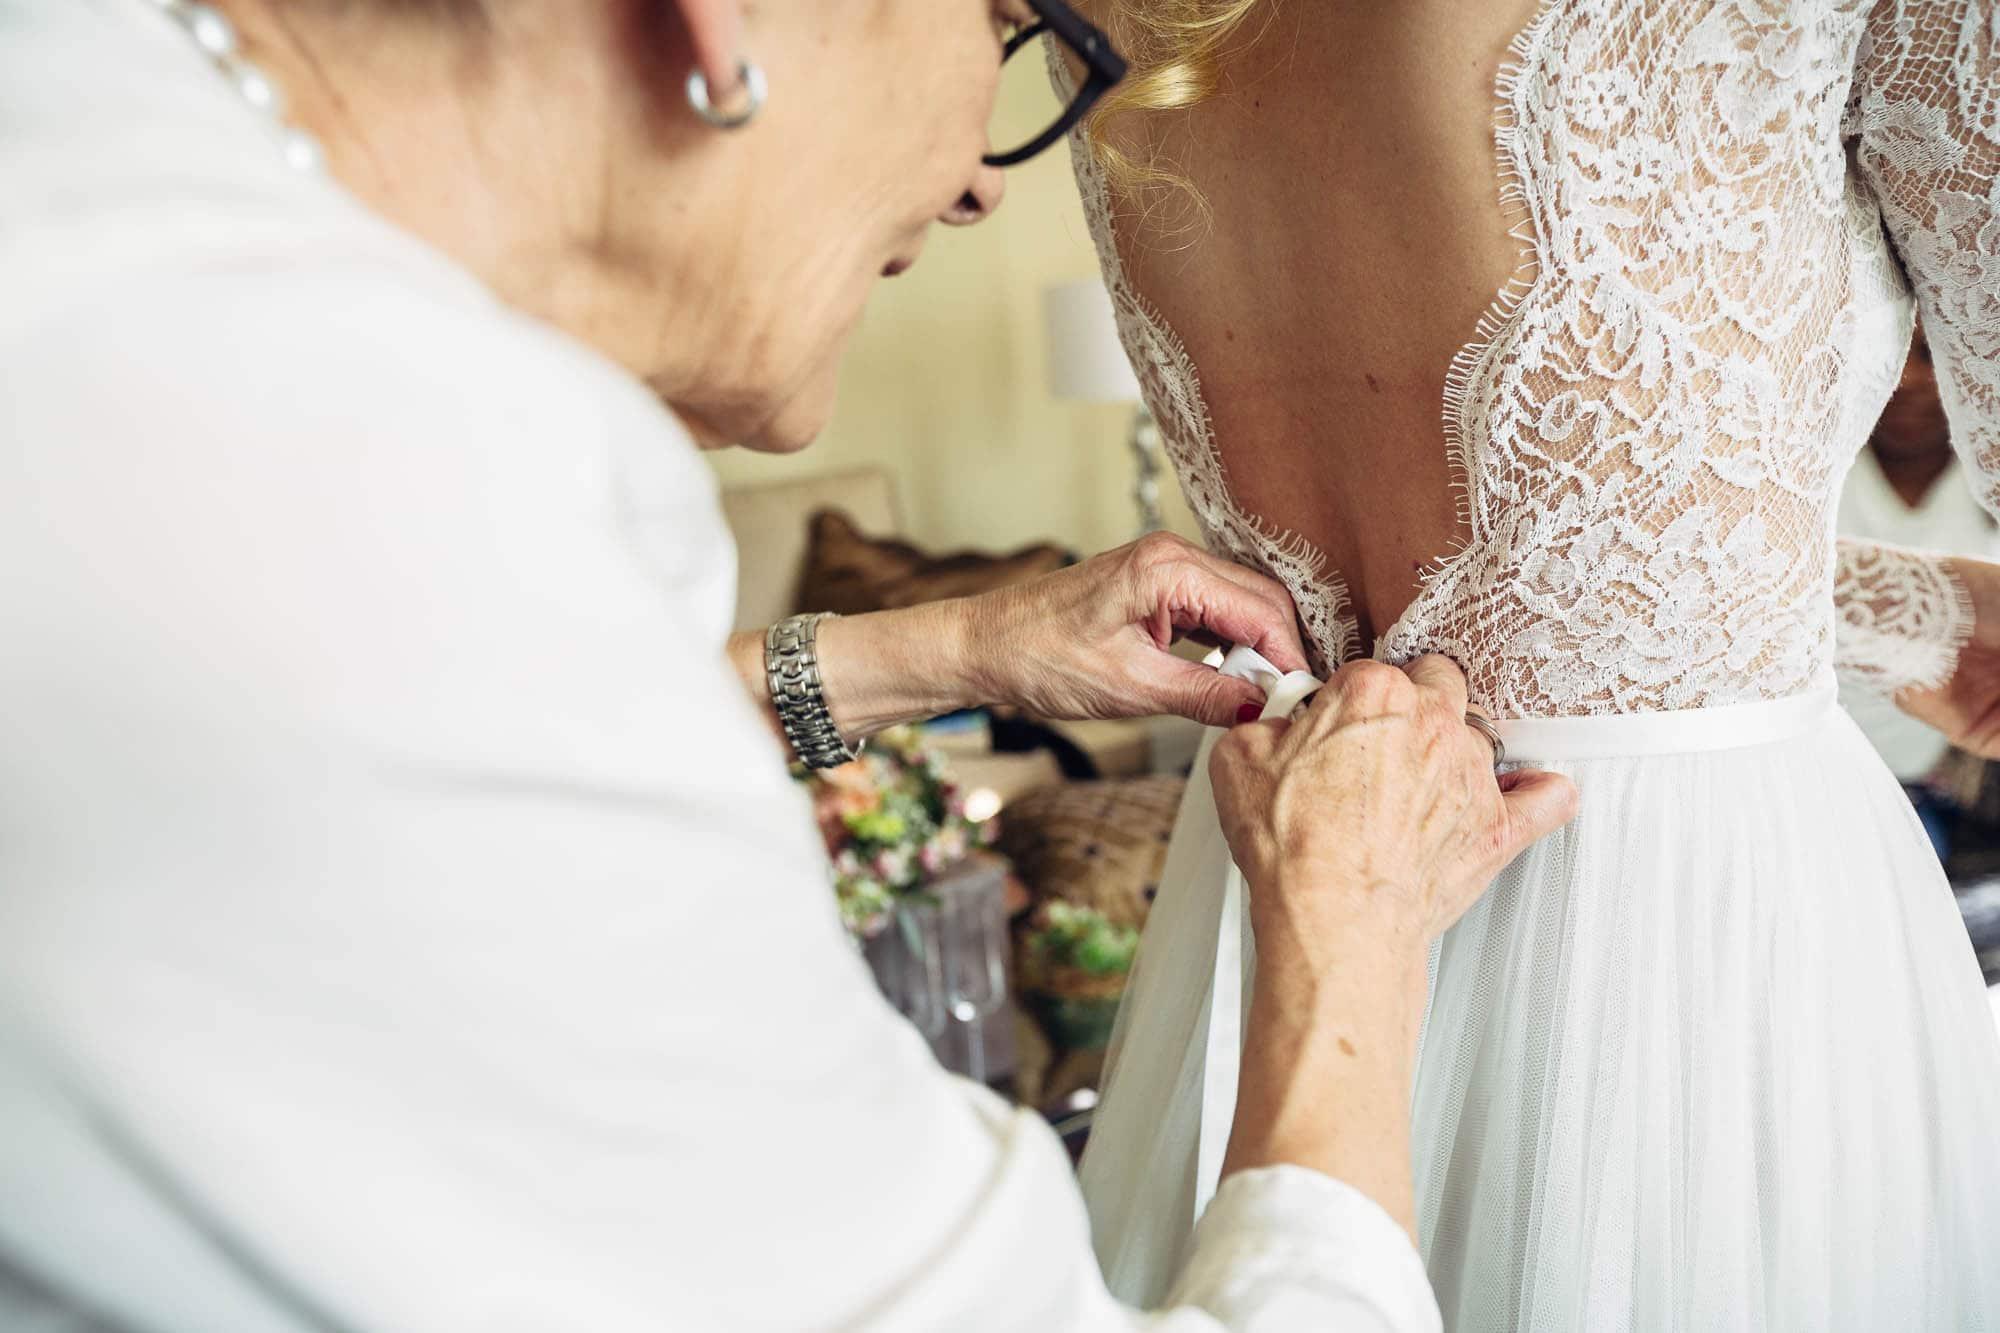 Der Braut wird das Kleid gebunden